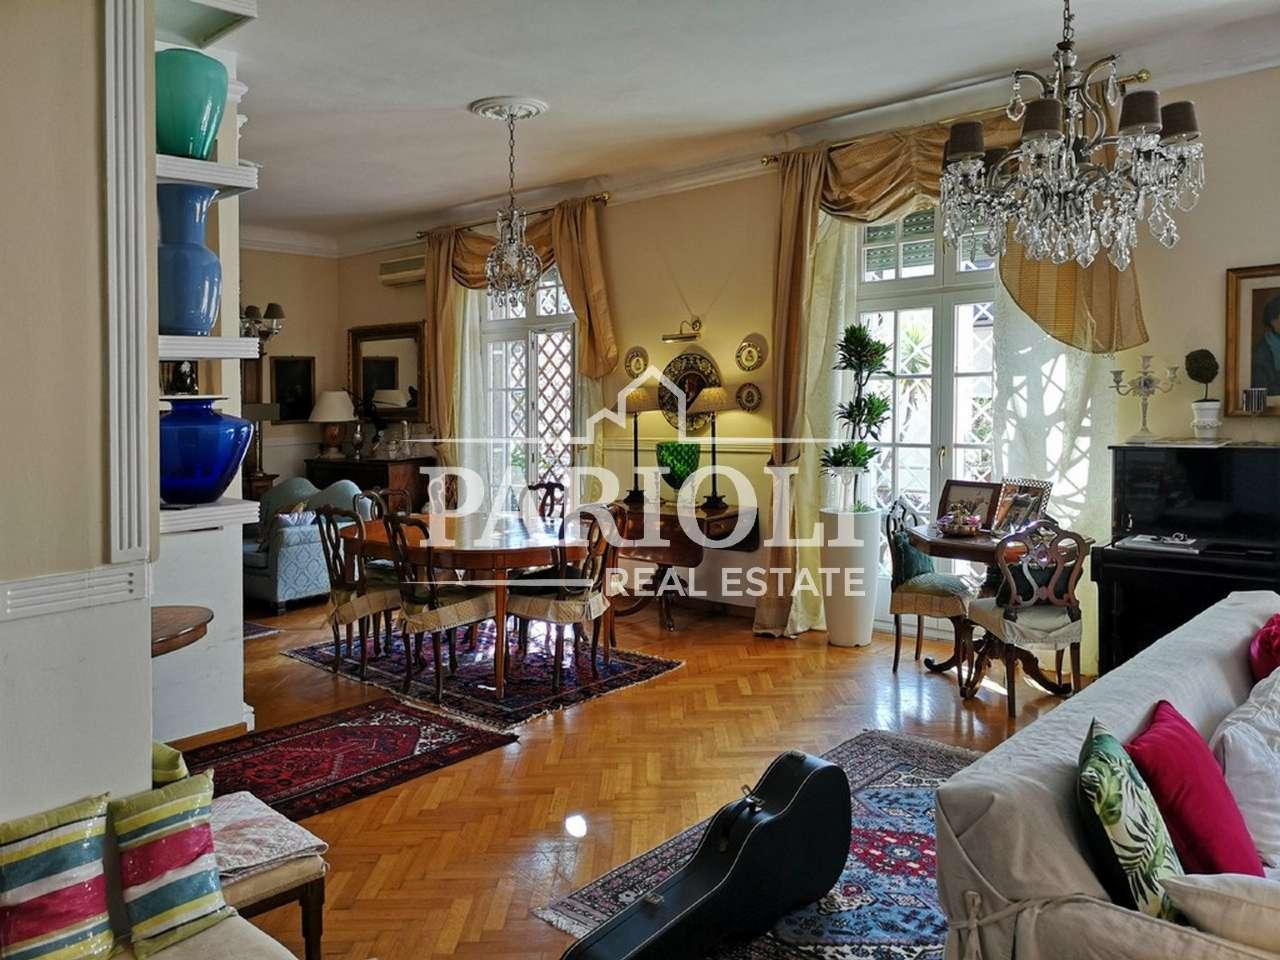 Appartamento in vendita a Roma, 6 locali, zona Zona: 2 . Flaminio, Parioli, Pinciano, Villa Borghese, prezzo € 980.000 | CambioCasa.it